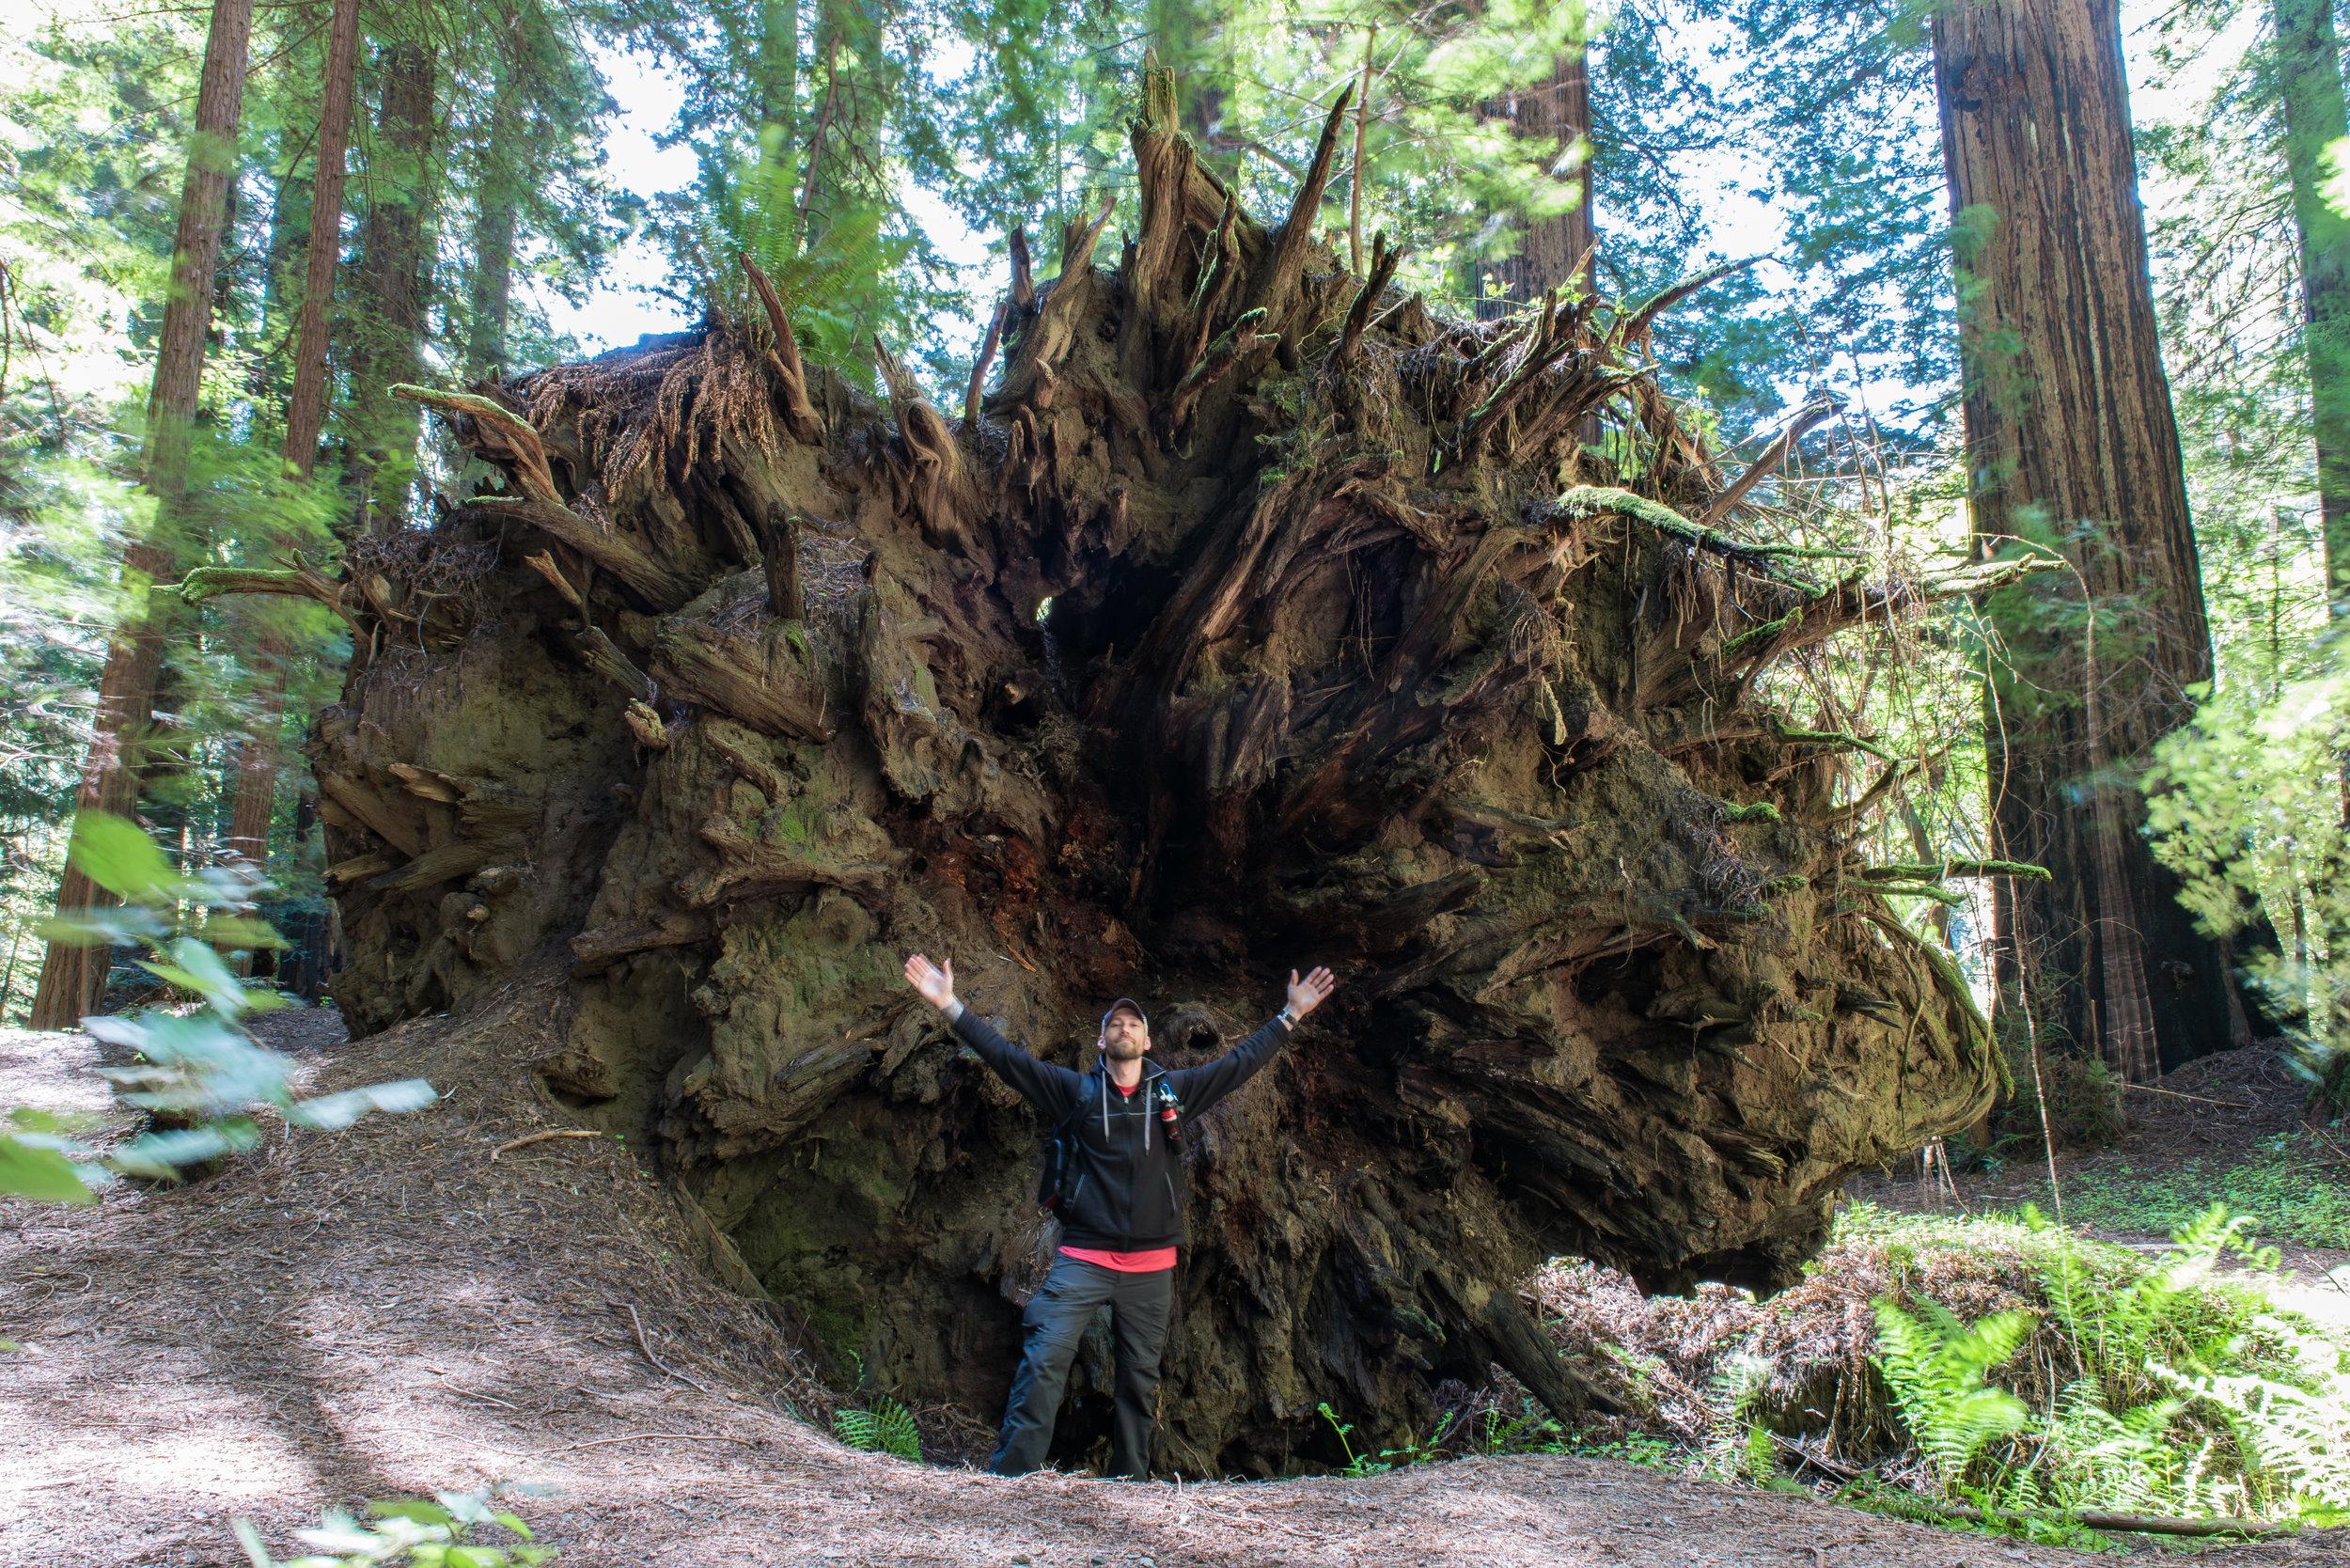 Gigantic Roots